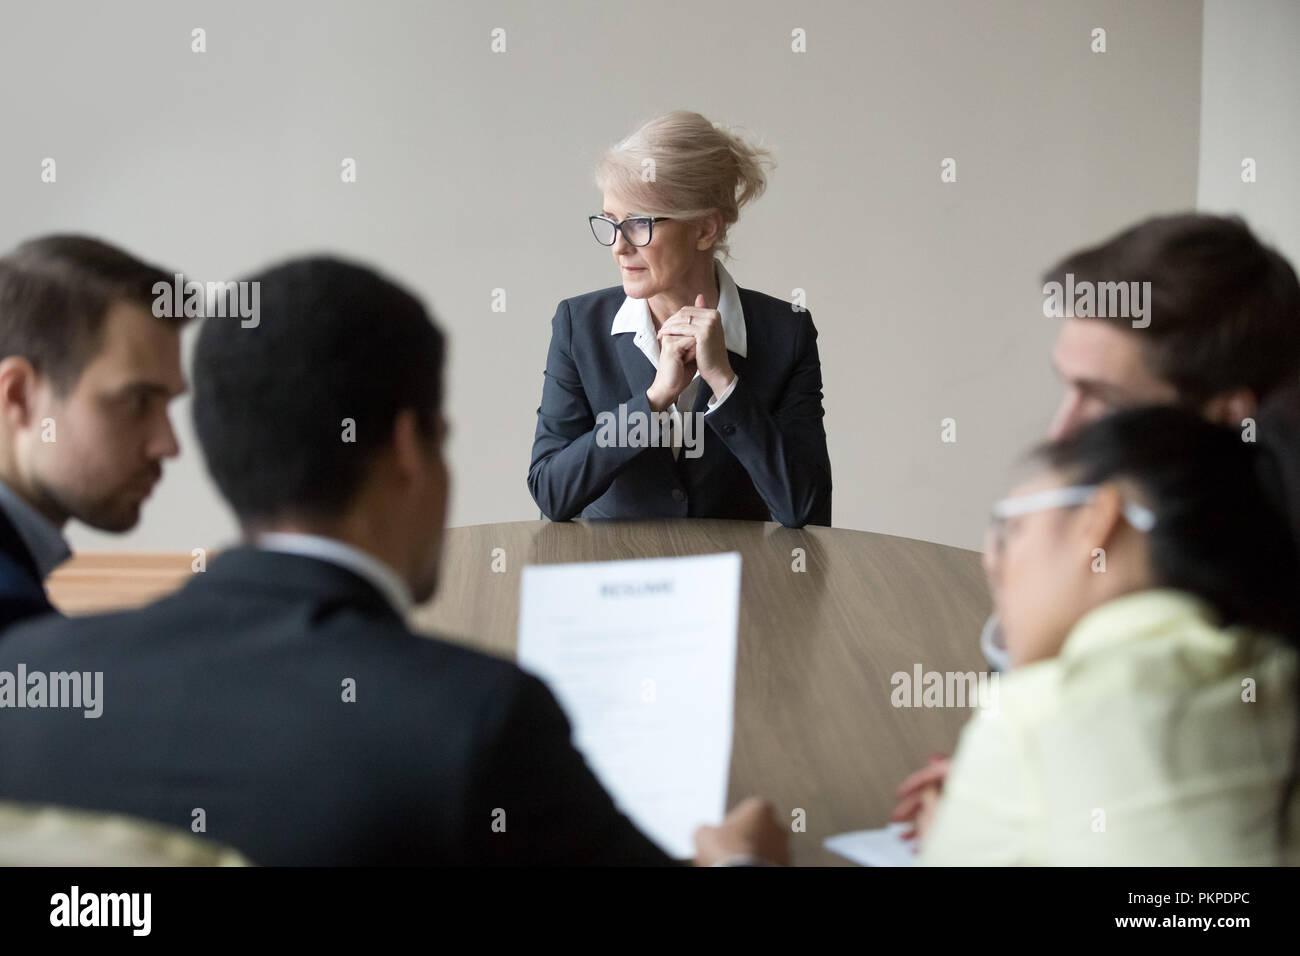 Femme passant d'embauche dans le bureau à boardroom Photo Stock